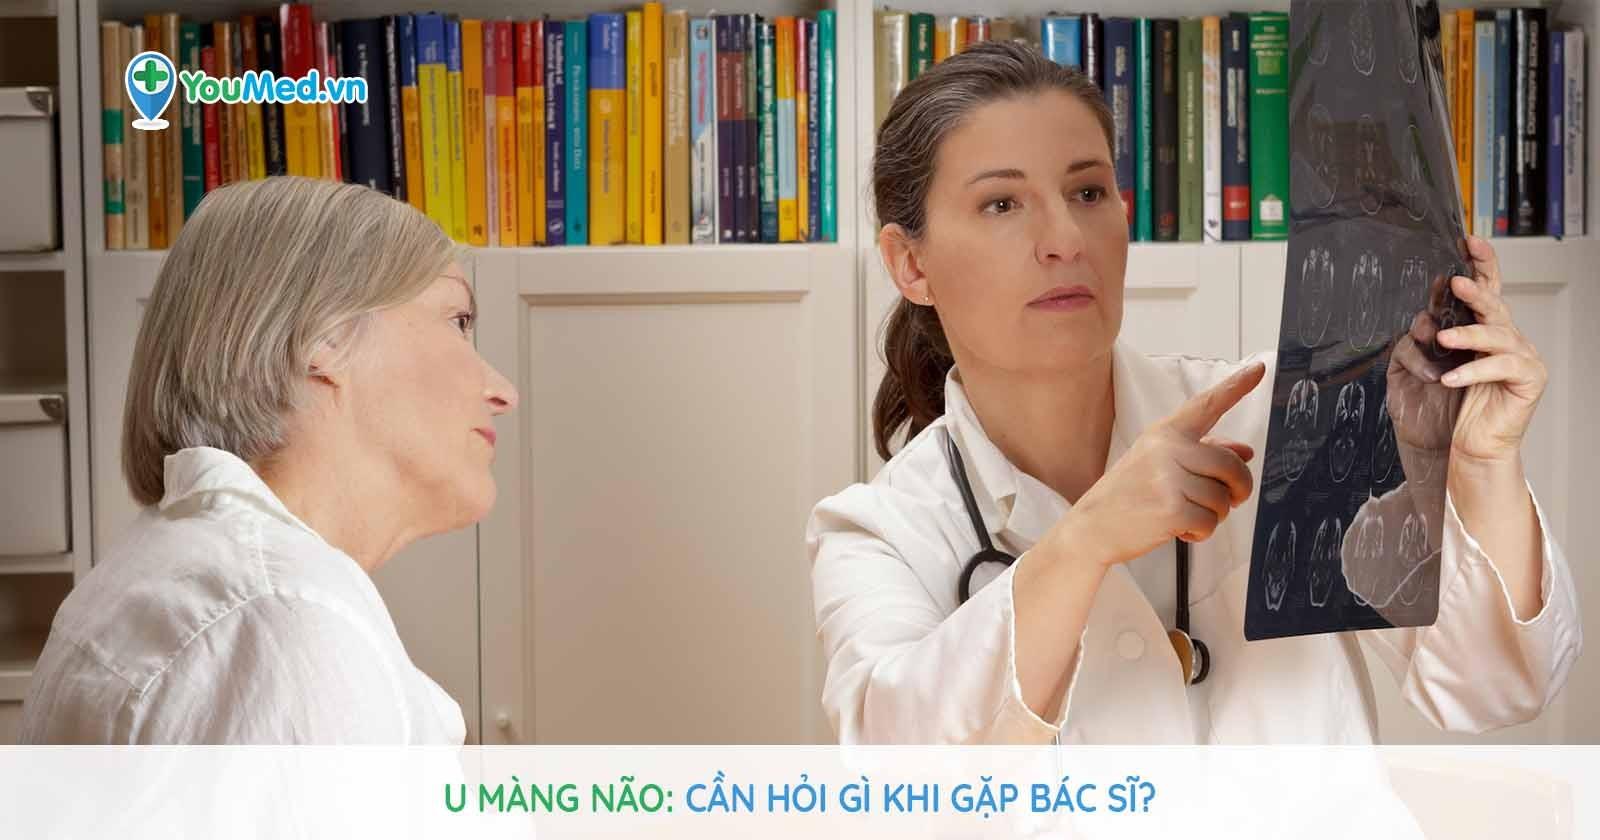 U màng não - Cần hỏi gì khi gặp bác sĩ